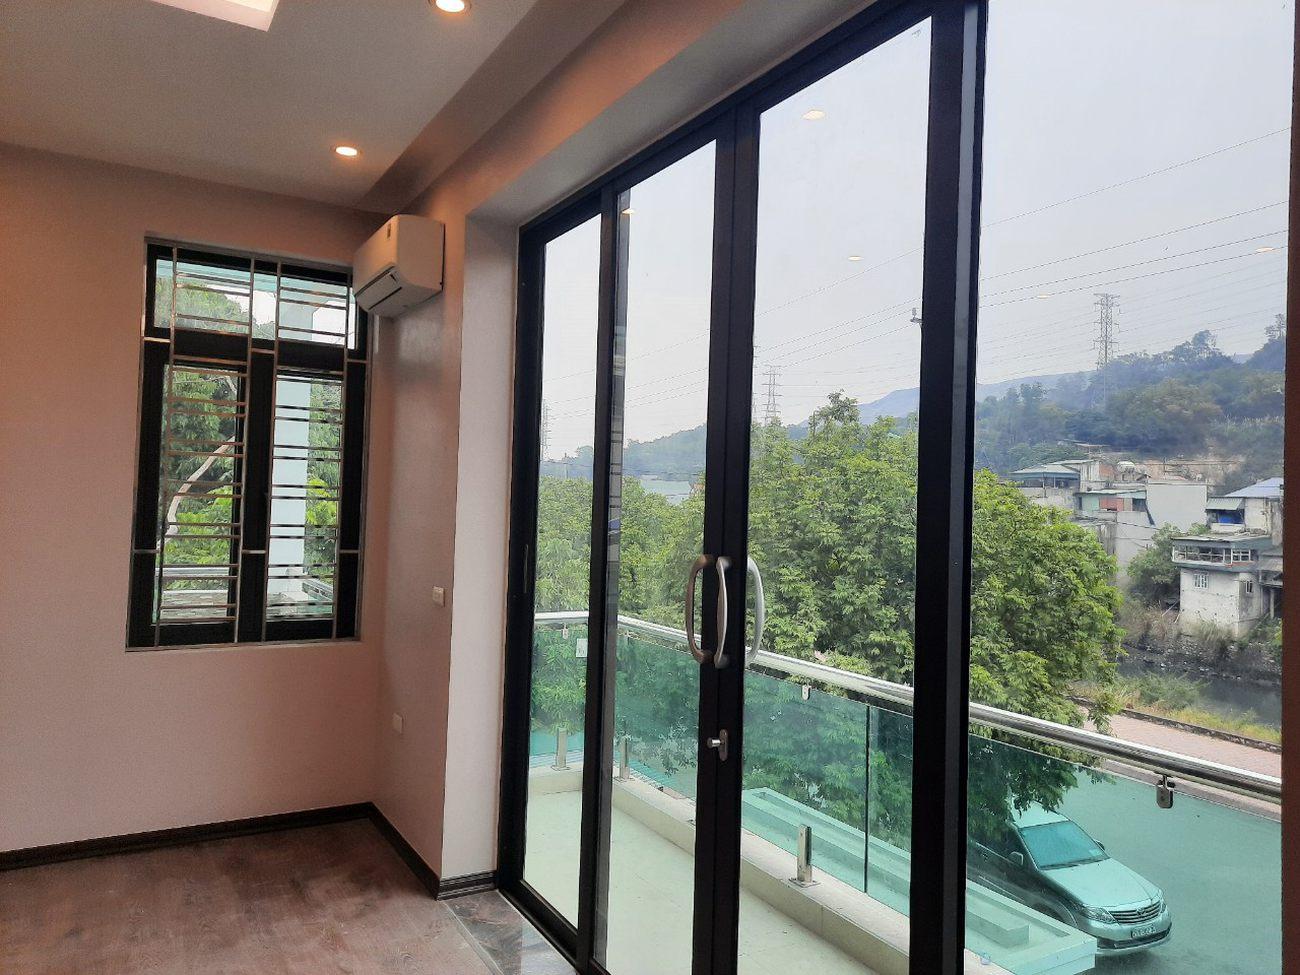 ho-mshangs-house-in-quang-ninh-door-windowjpg-1629794636.jpg